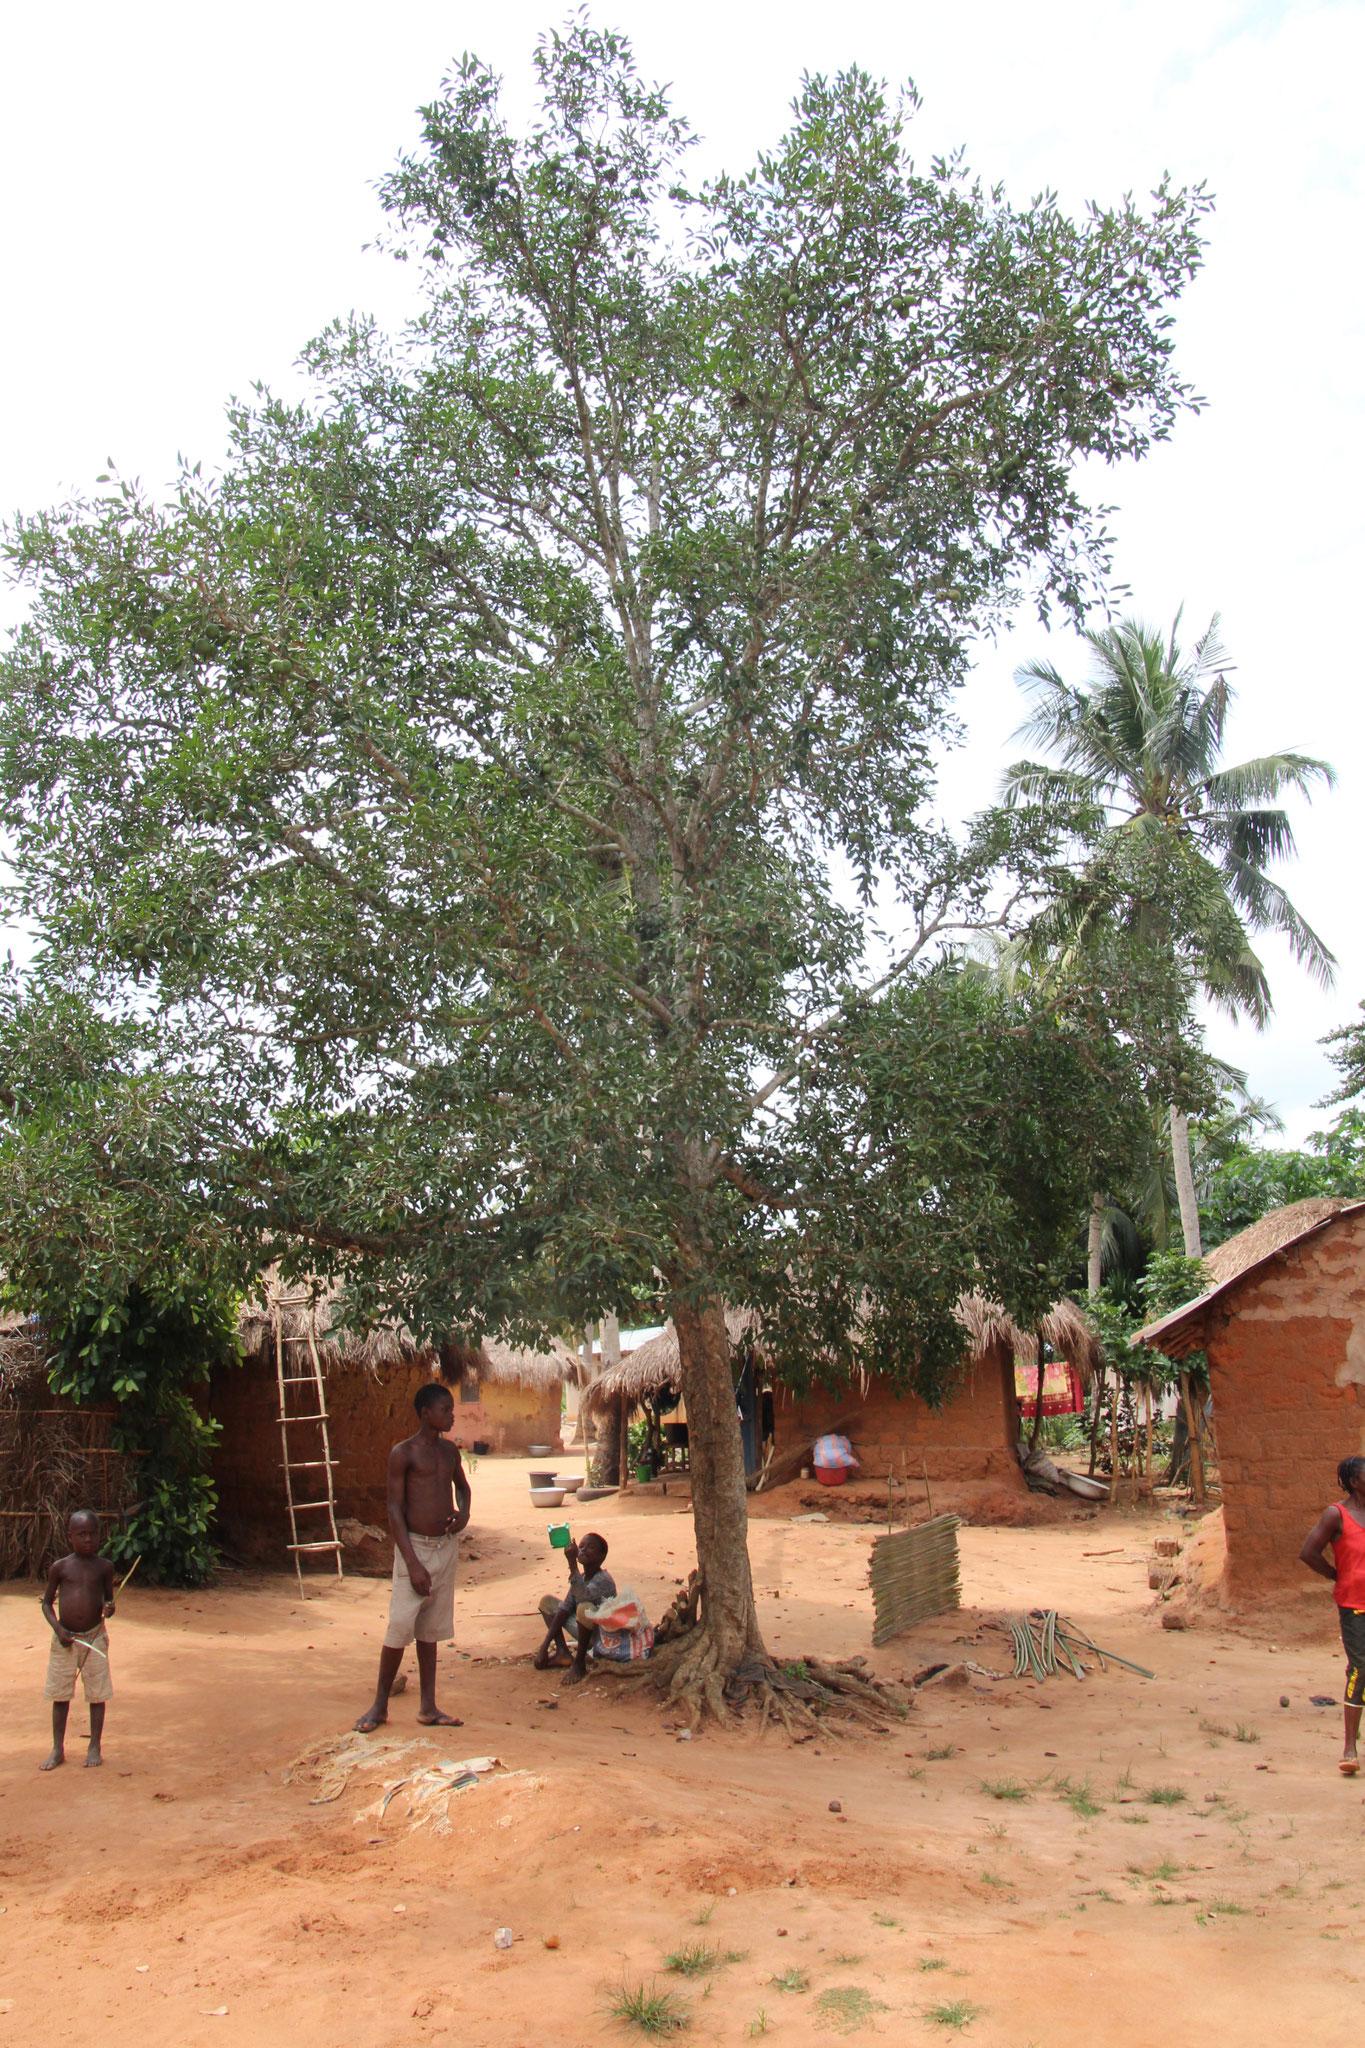 18. Dieser Baum ist ein bedeutungsvoller Baum. Er soll den ganzen Kral vor Unglück schützen.